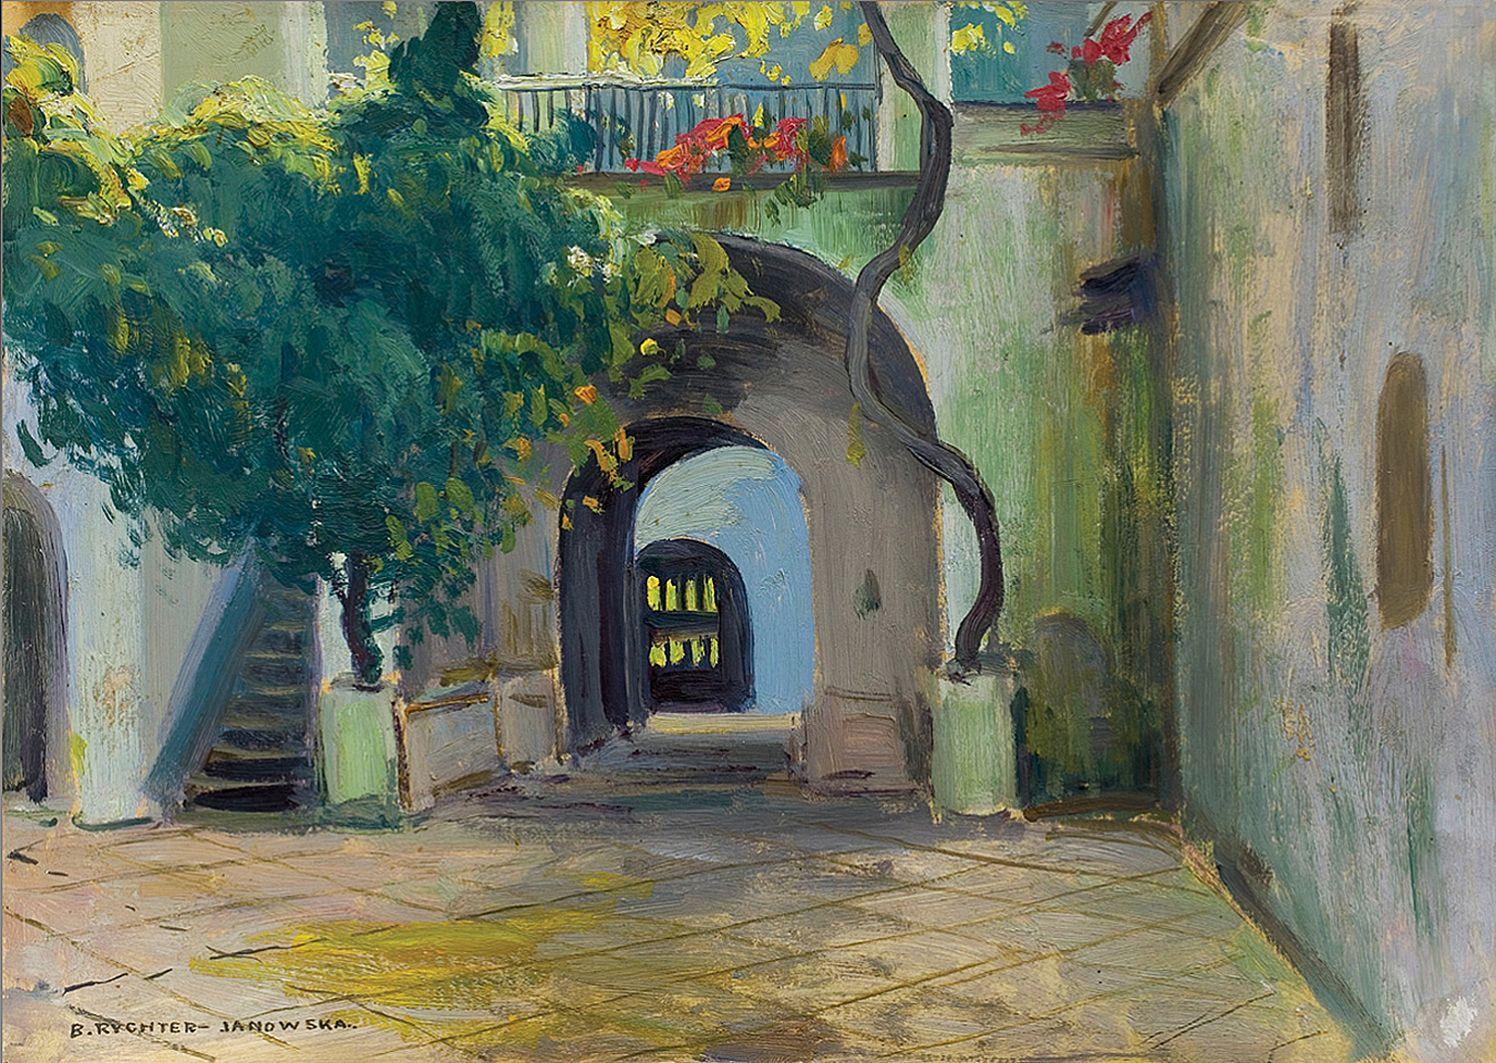 Броніслава Яновська. Італійське подвір'я в Неаполі, 1904; картон, олія